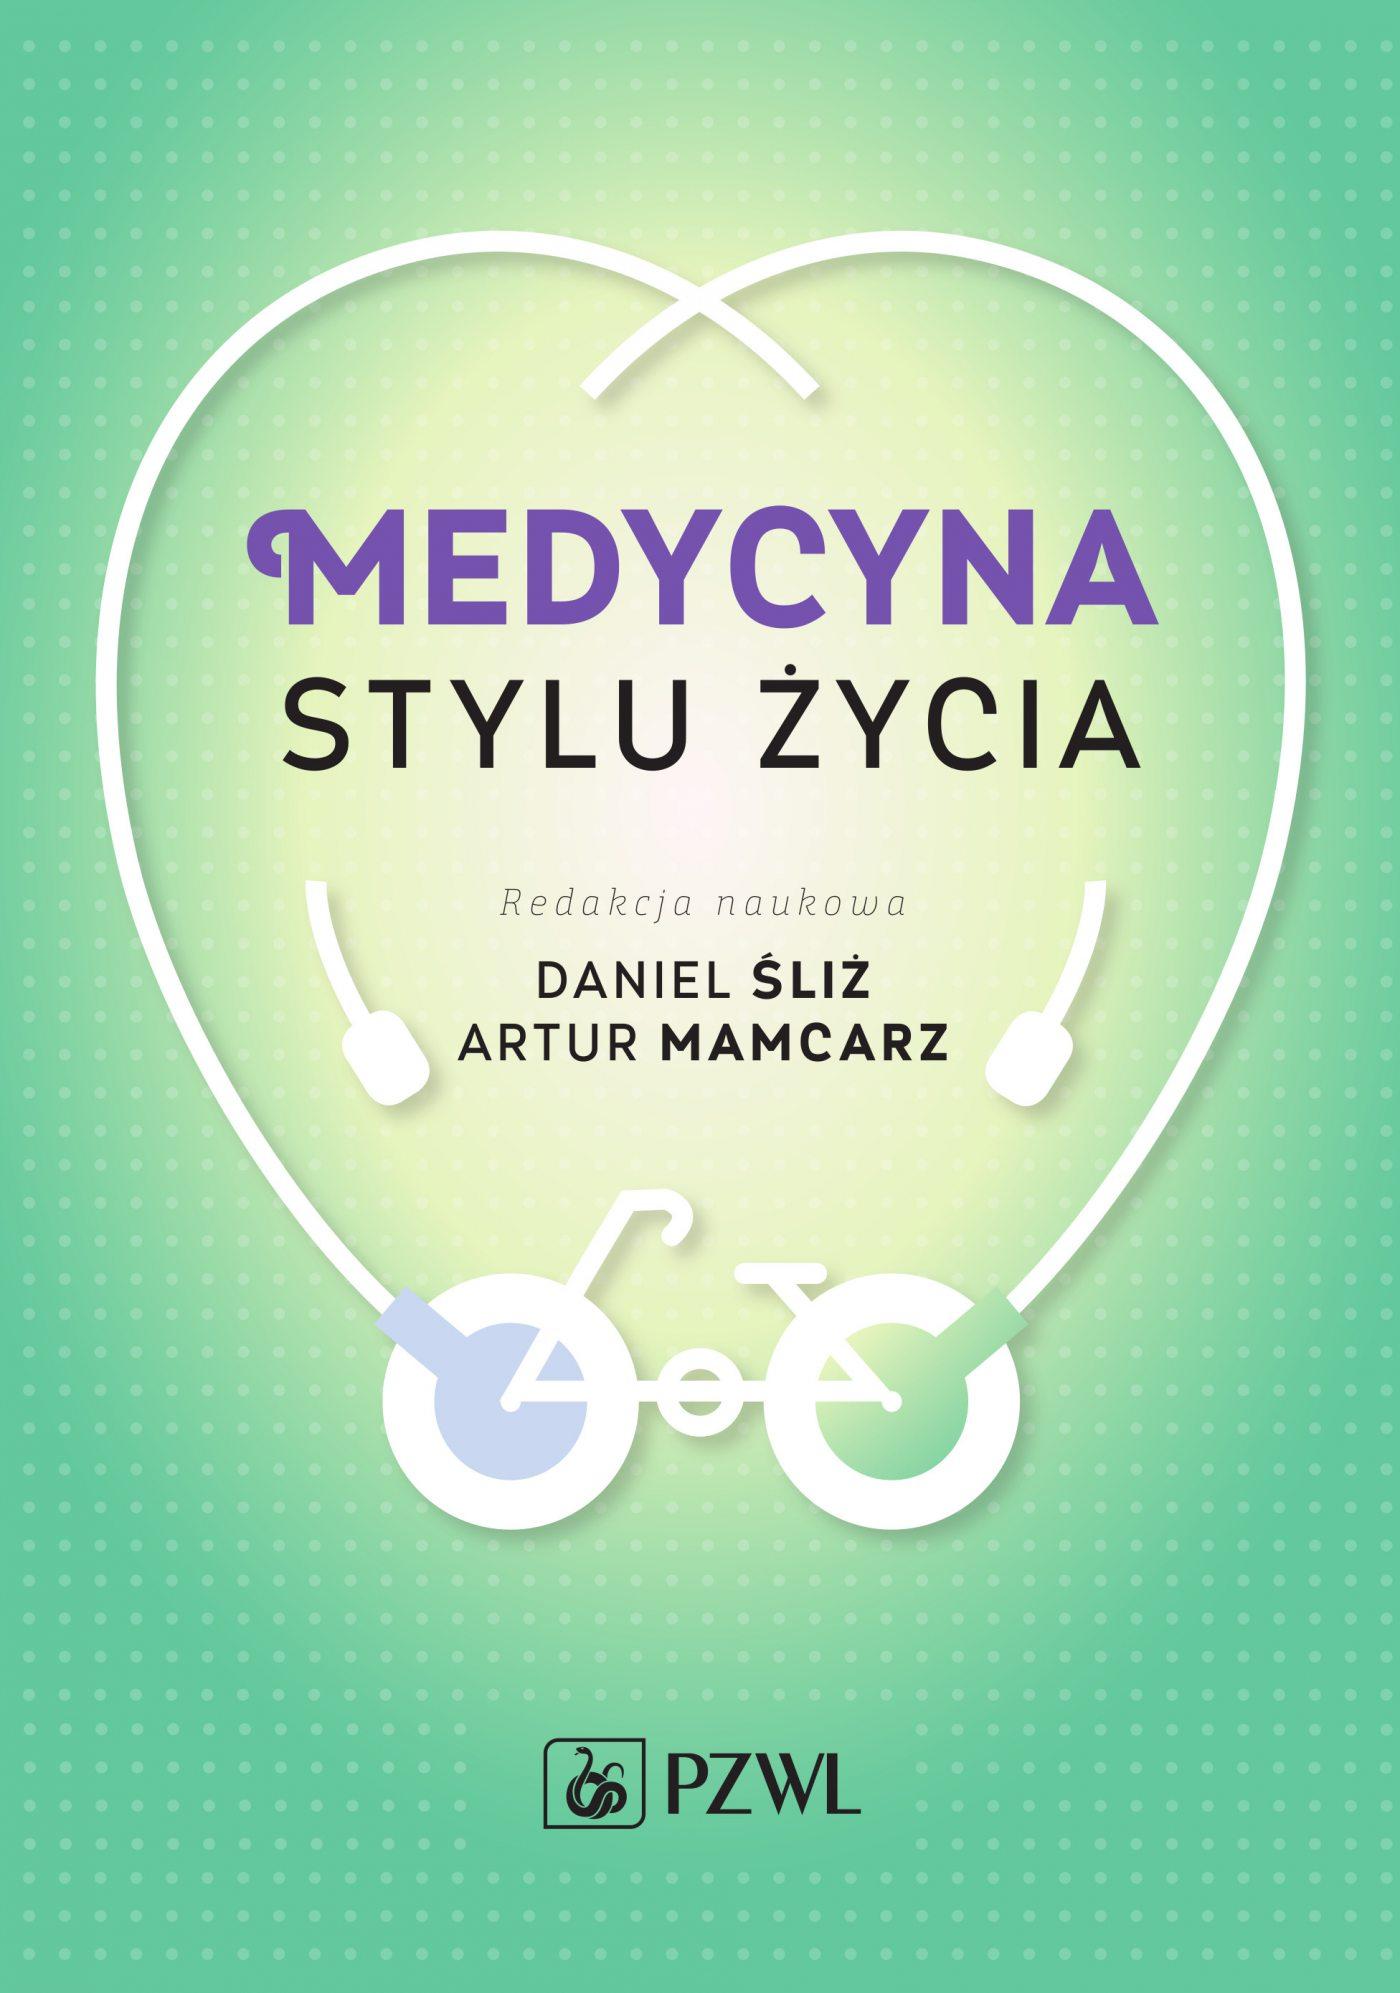 Medycyna stylu życia - Ebook (Książka na Kindle) do pobrania w formacie MOBI